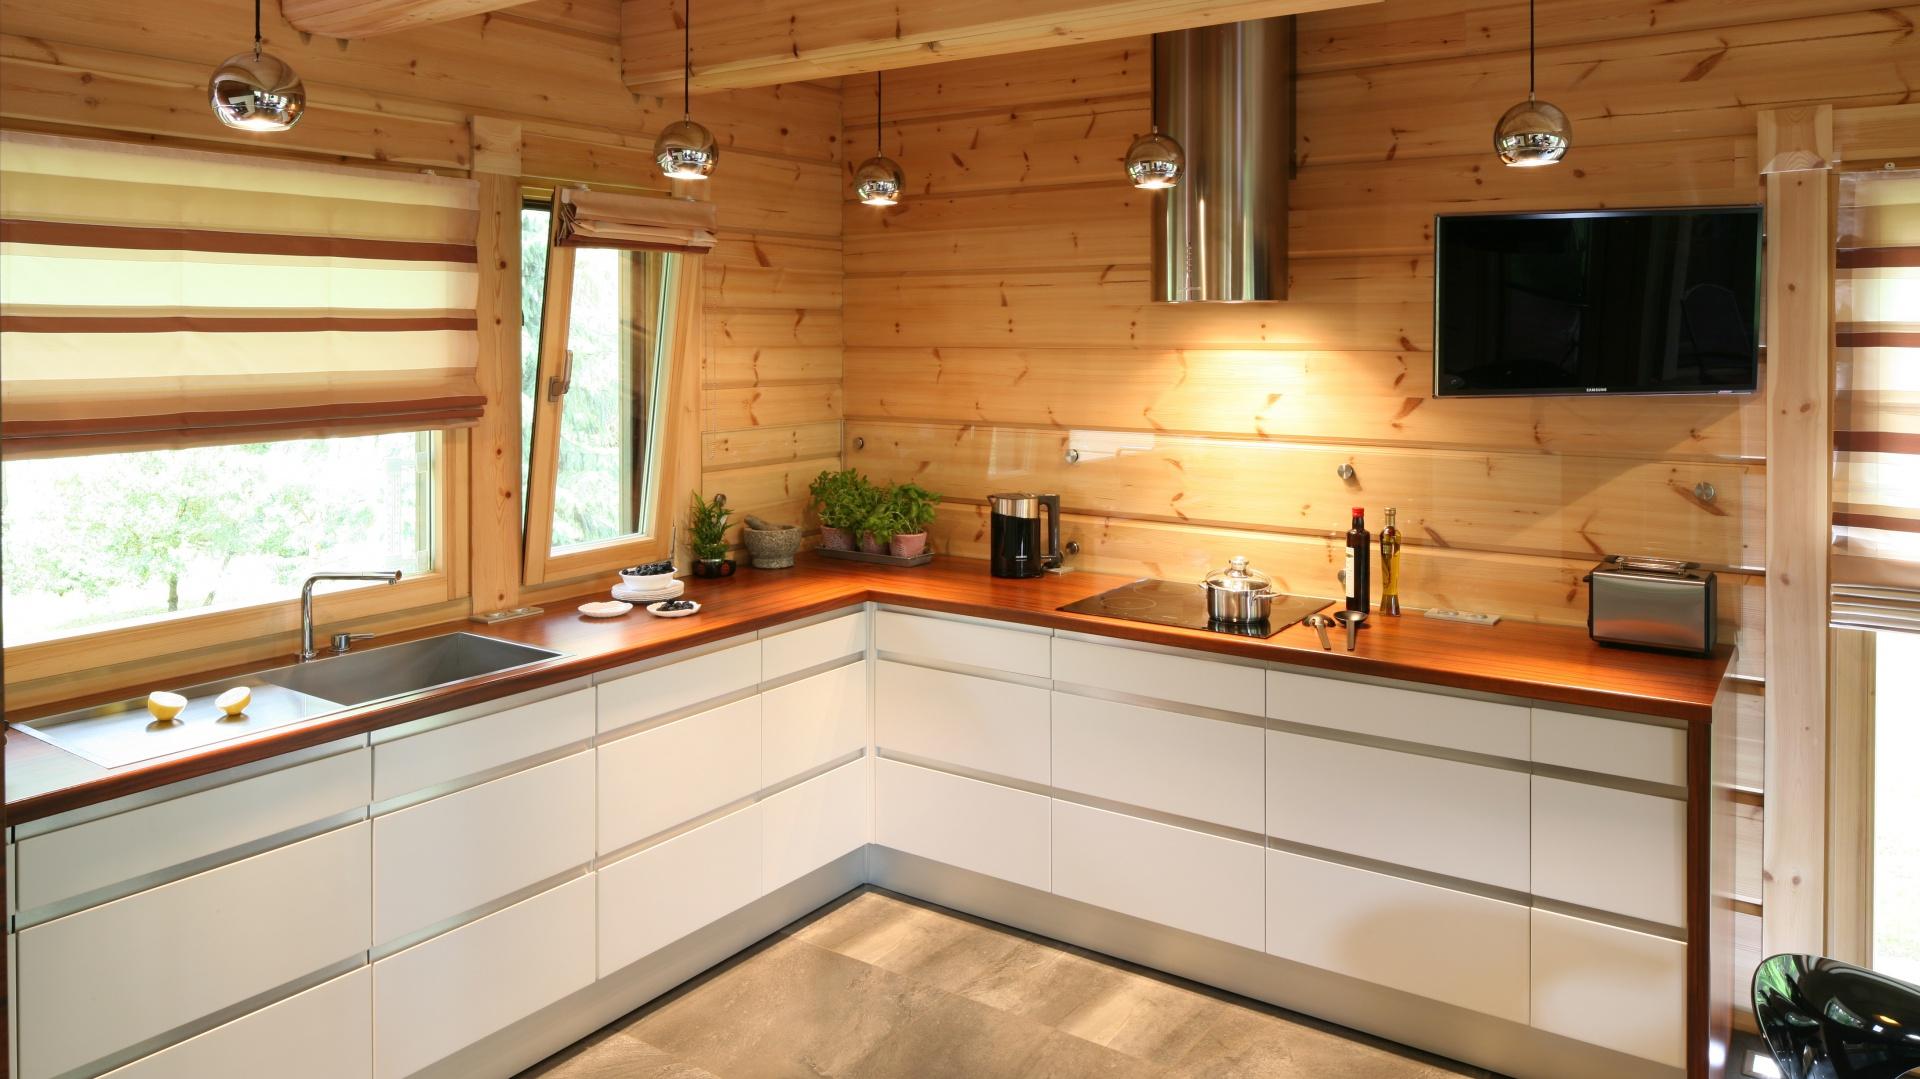 Aranzacja Kuchni 15 Pomyslow Na Strefe Zmywania Pod Oknem